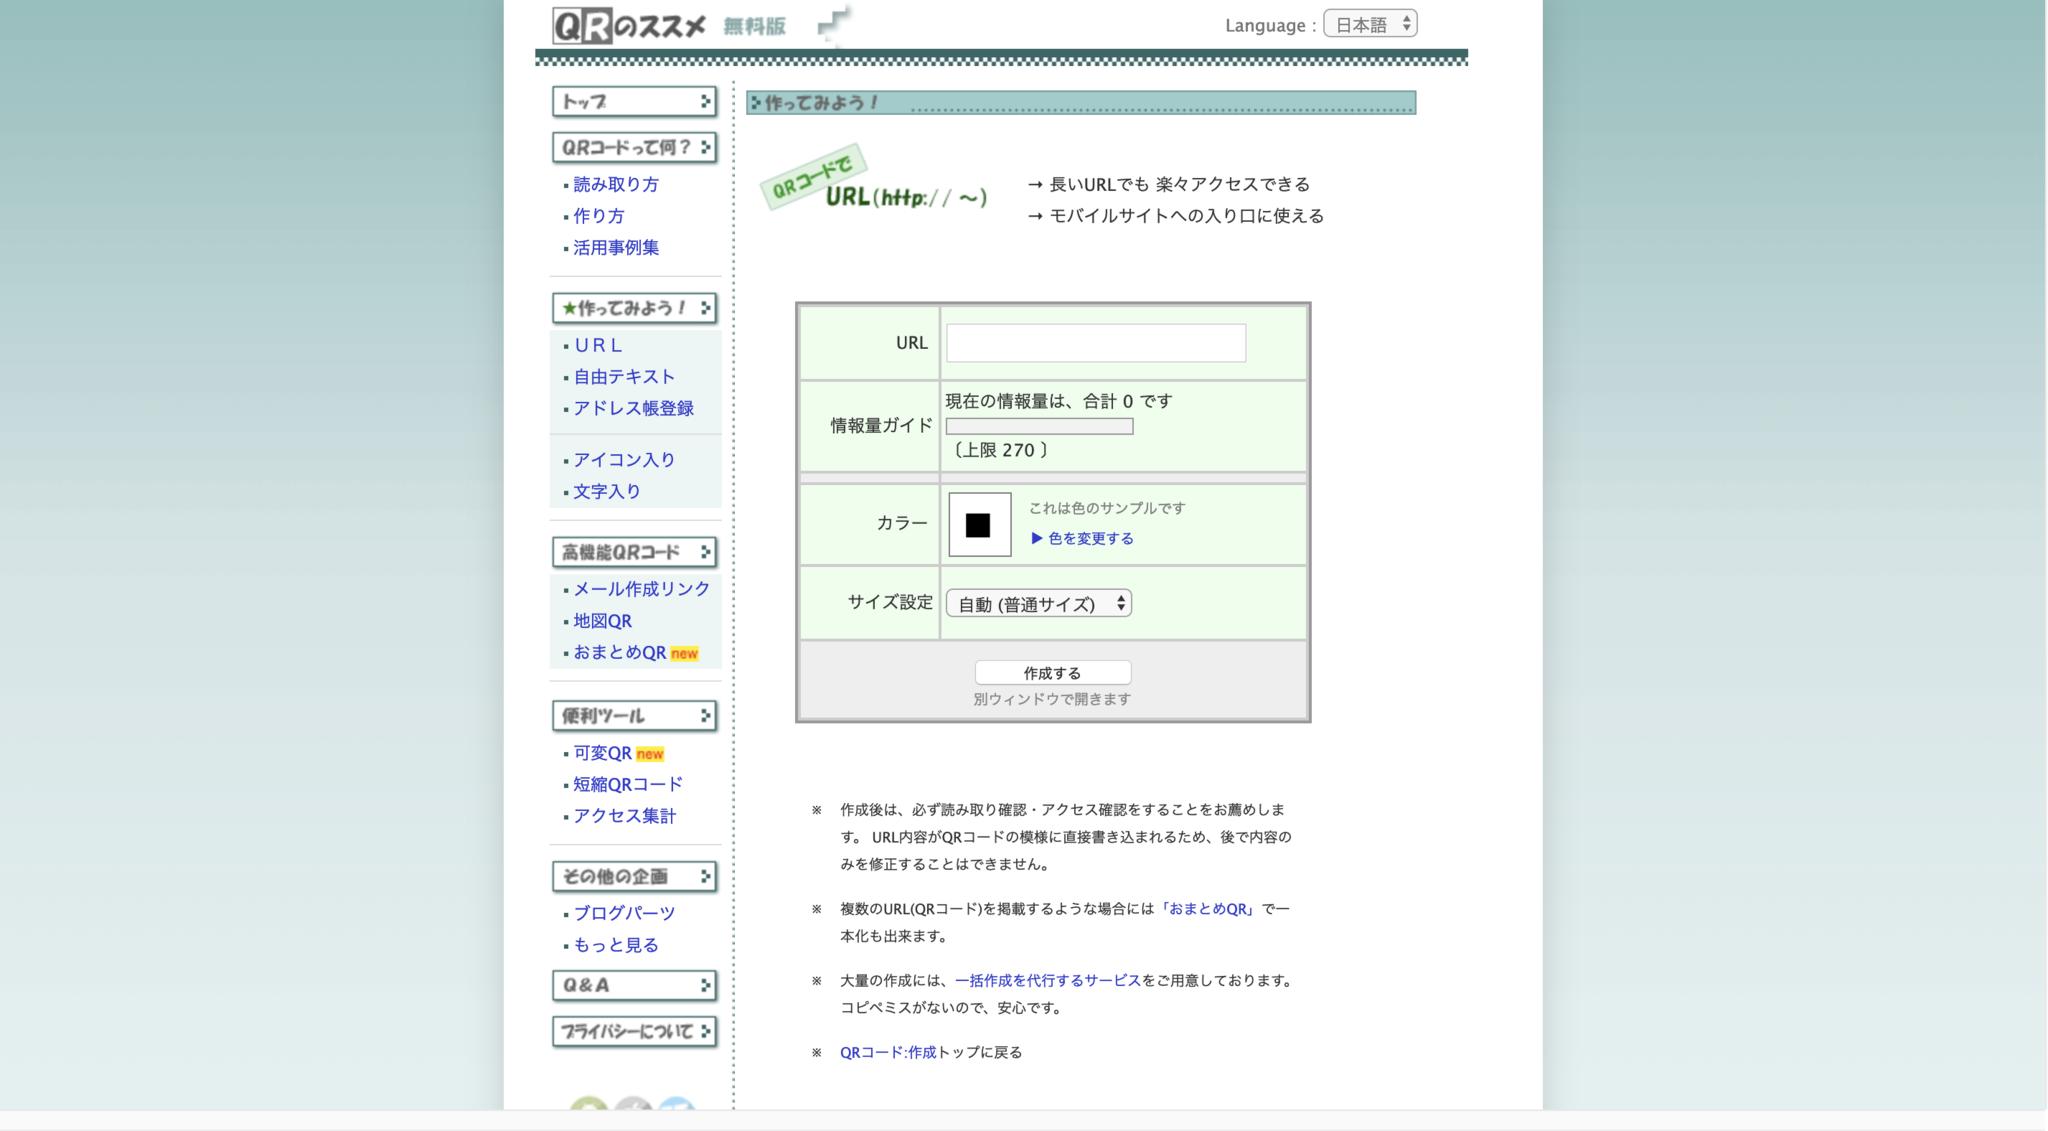 スクリーンショット_2019-03-13_15.32.55.png